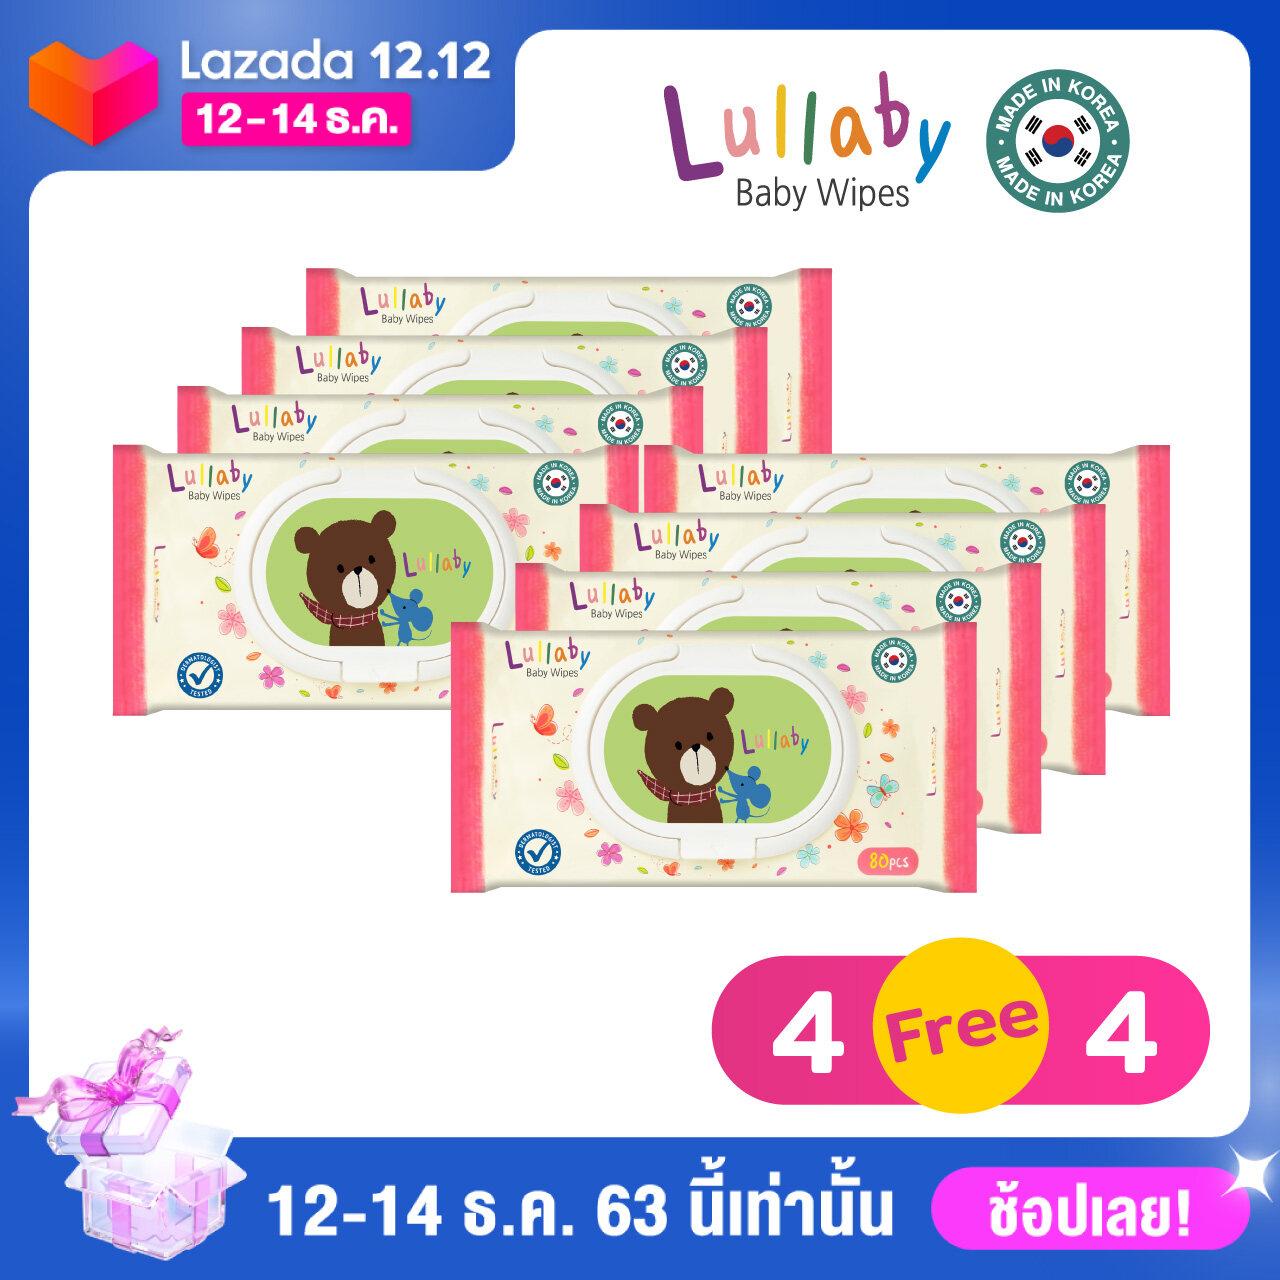 รีวิว [ซื้อ 4 ฟรี 4 ] Lullaby baby wipes ทิชชู่เปียกลัลลาบาย (80แผ่น) สูตรน้ำแร่จากฝรั่งเศส